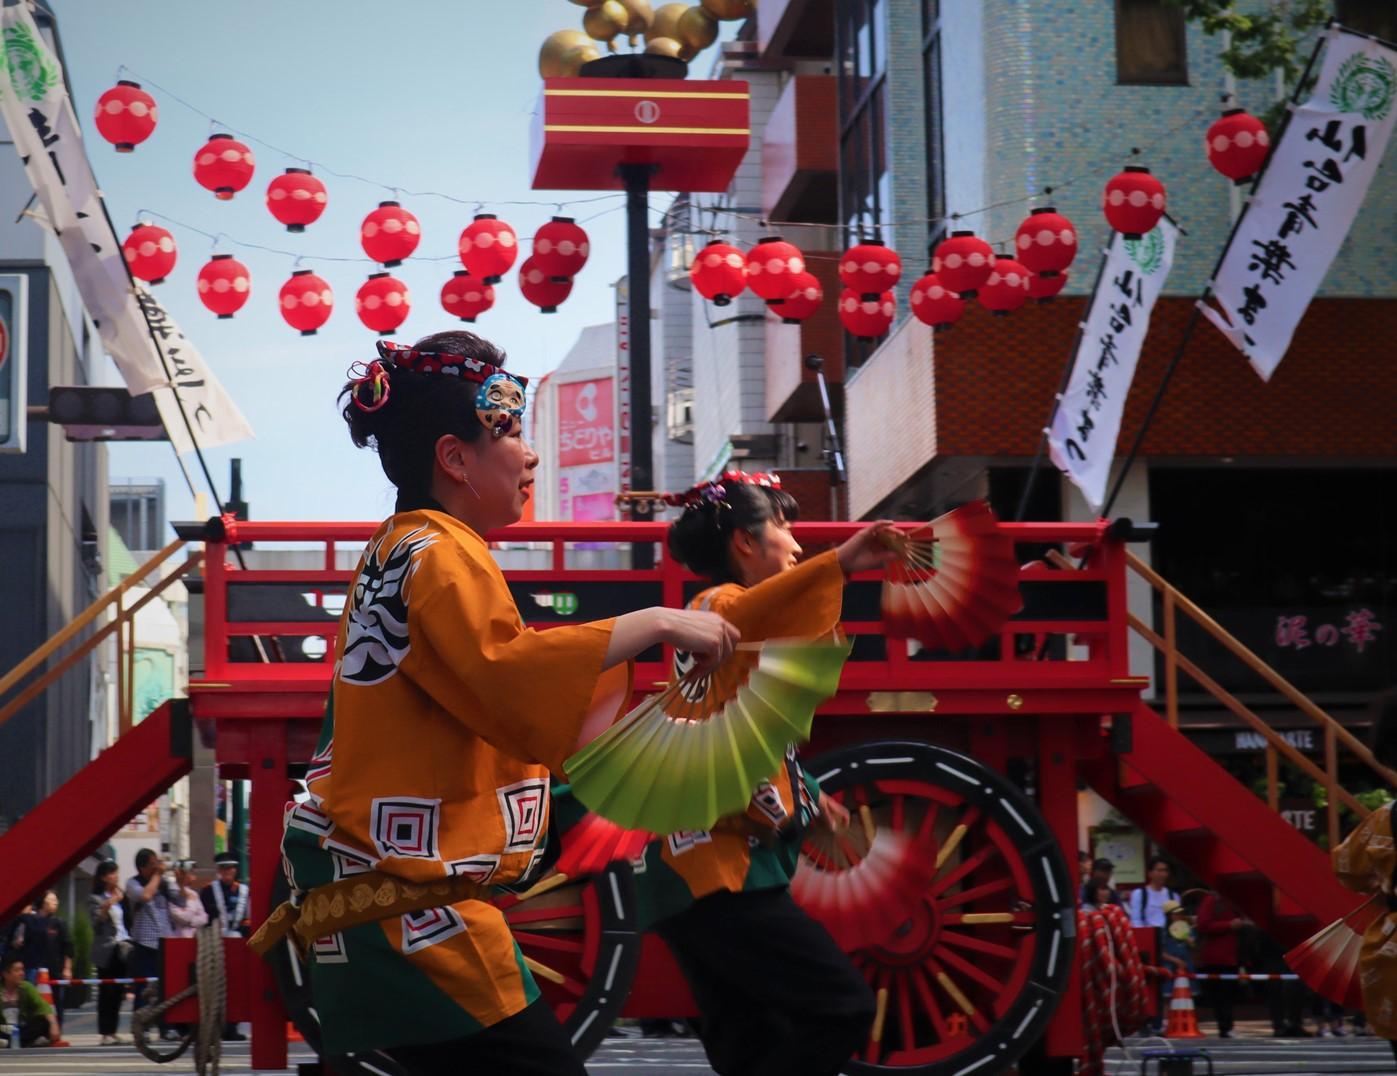 仙台青葉祭 由來